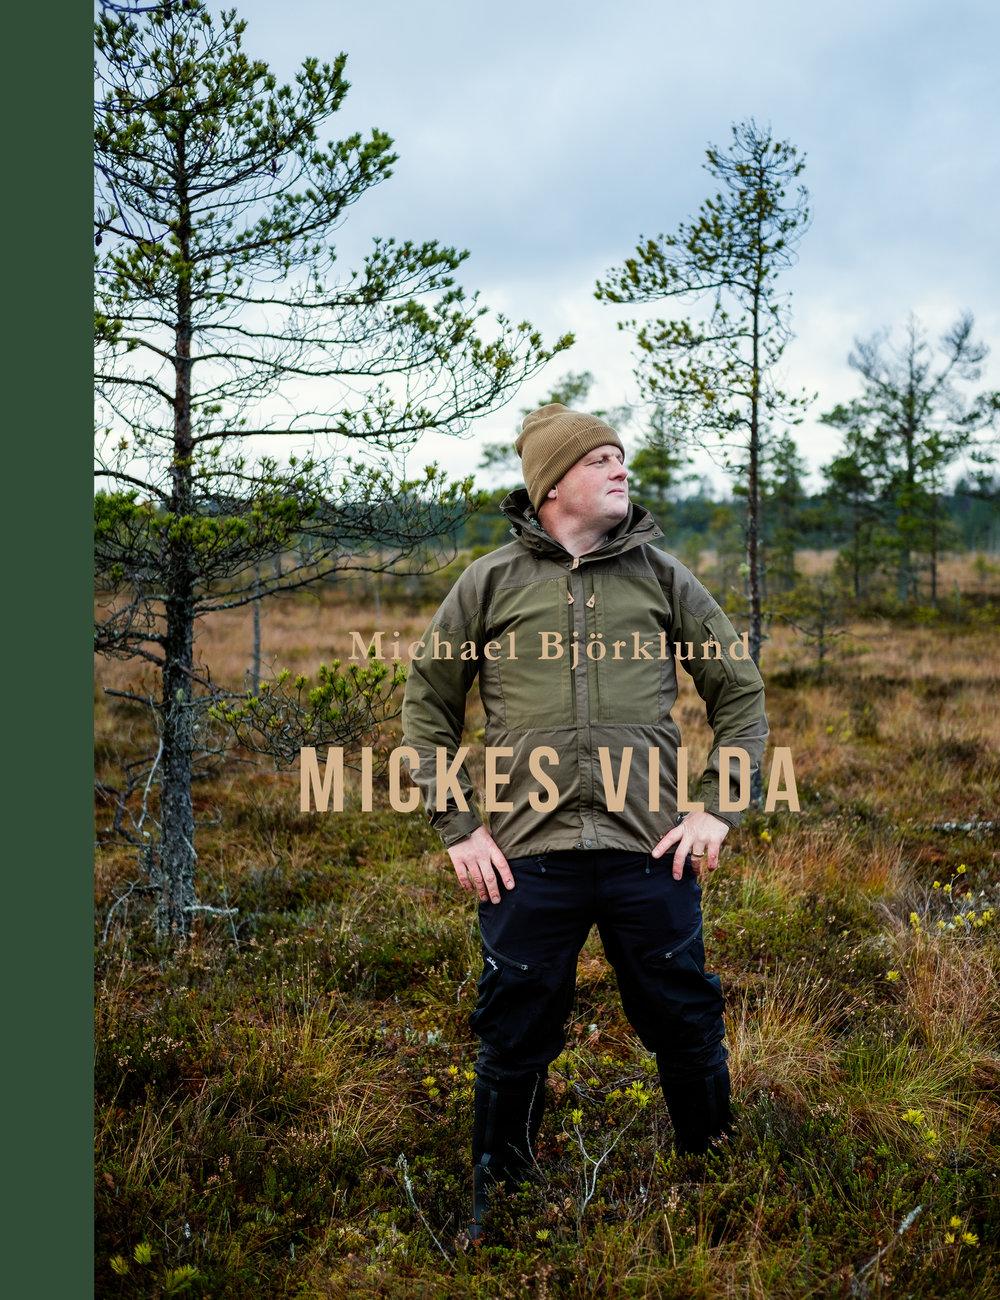 Pärm_display_mickes vilda.jpg